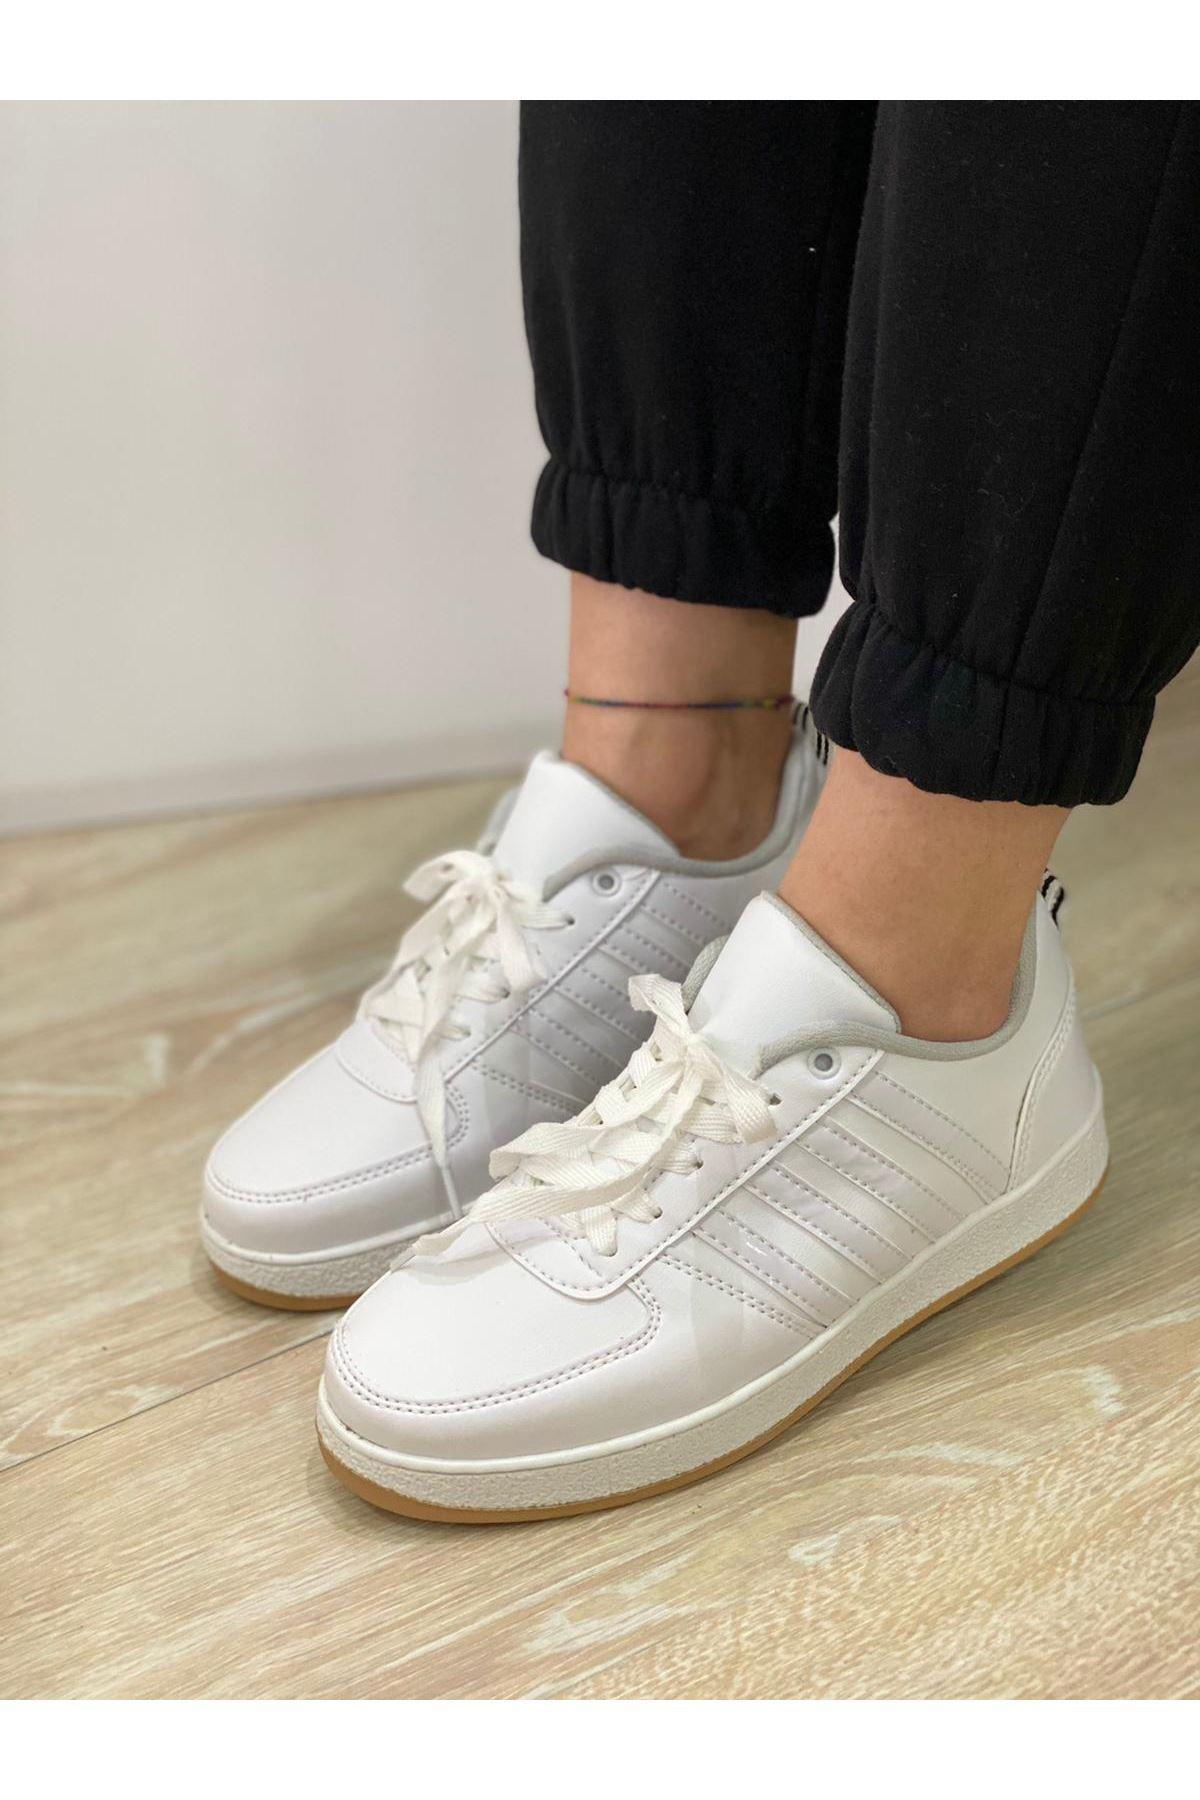 Süperstar Çizgili Spor Ayakkabı - Beyaz